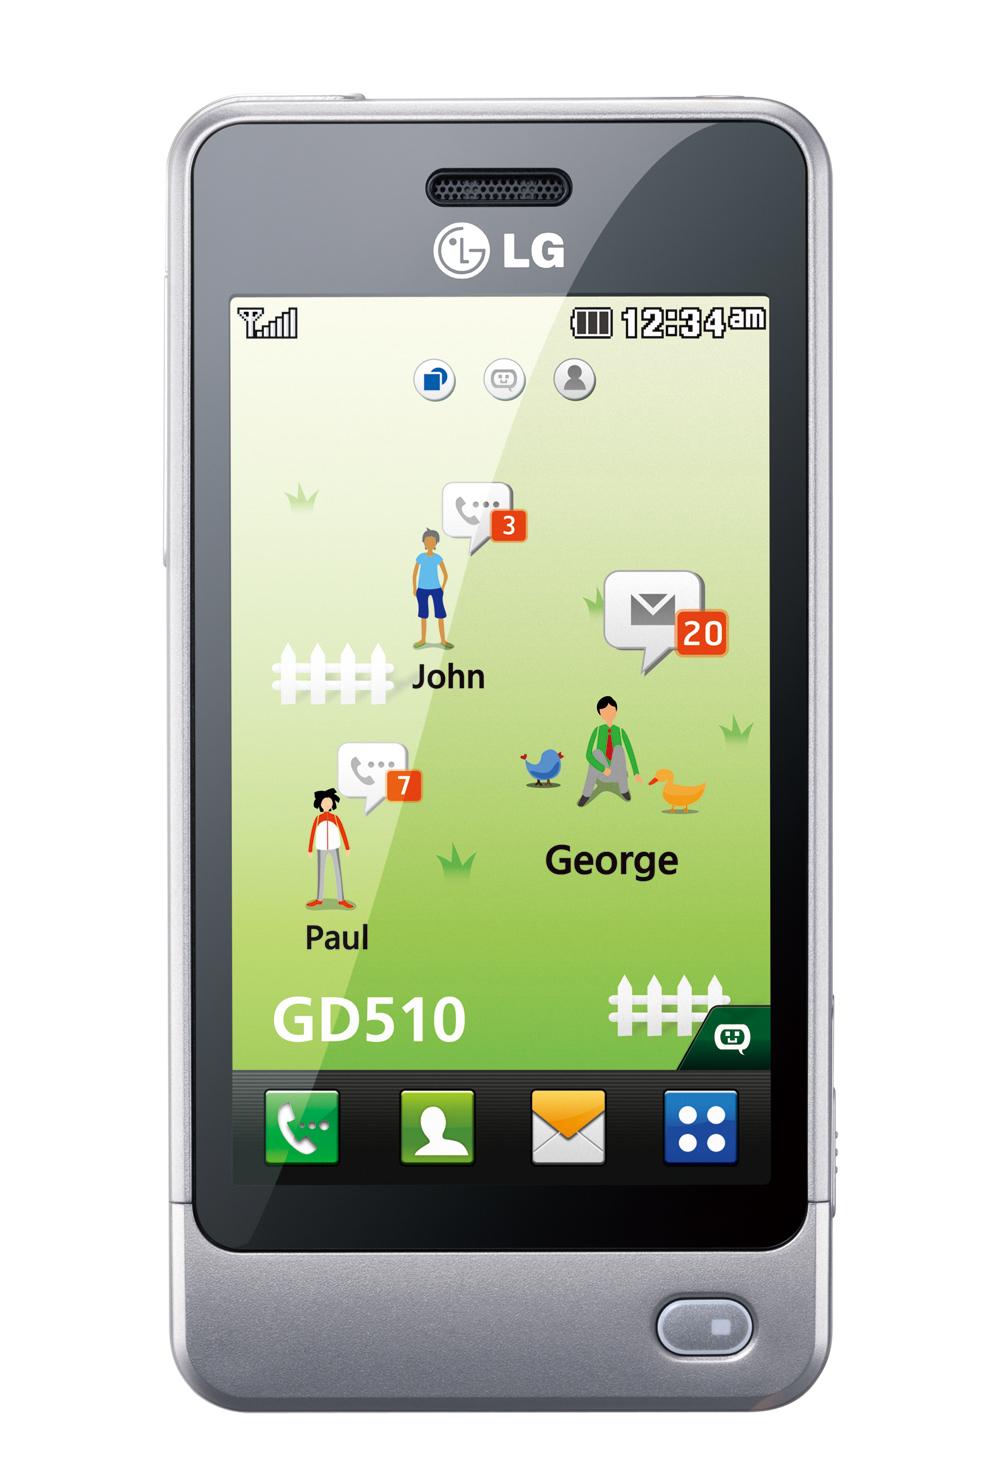 學生換機超值選擇LG GD510  5000元有找